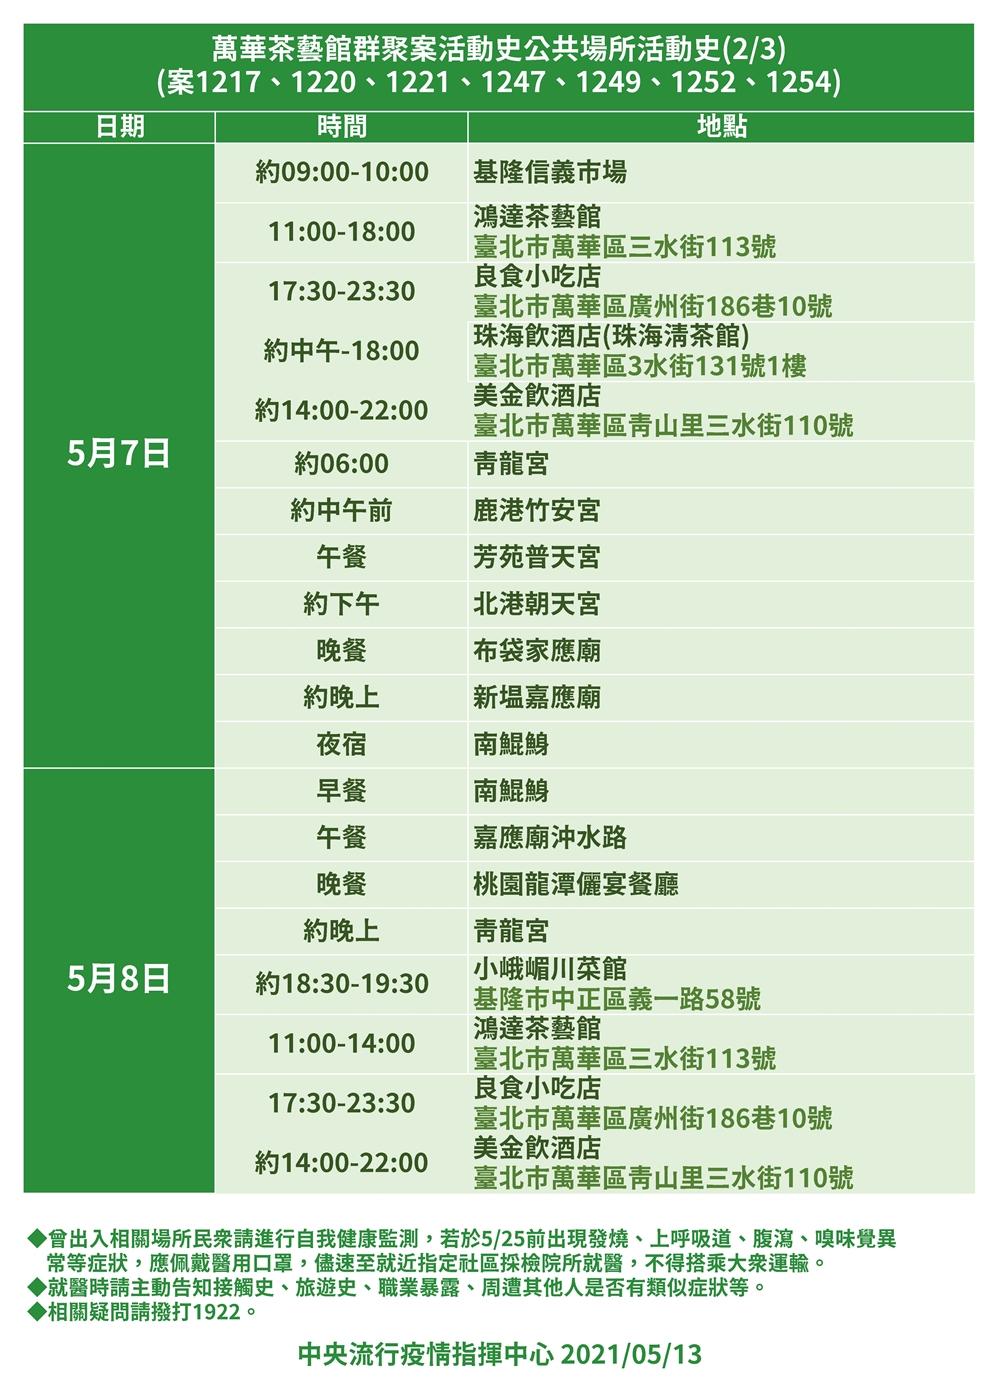 萬華茶藝館升級7人群聚!全台確診者足跡公開 遍布雙北桃園宜蘭